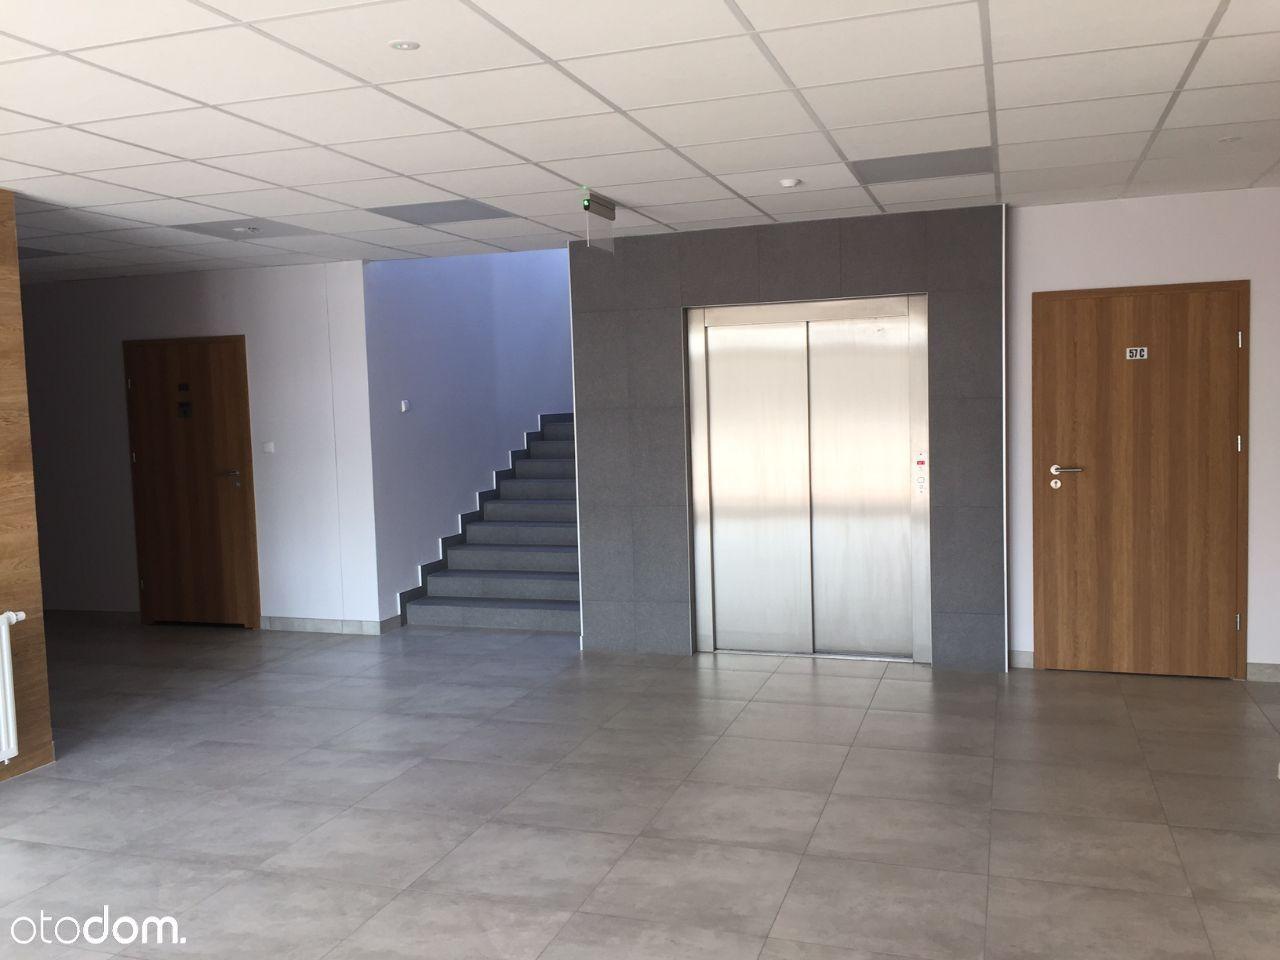 Gabinety Lekarskie Lokale medyczne szpital 12-1500